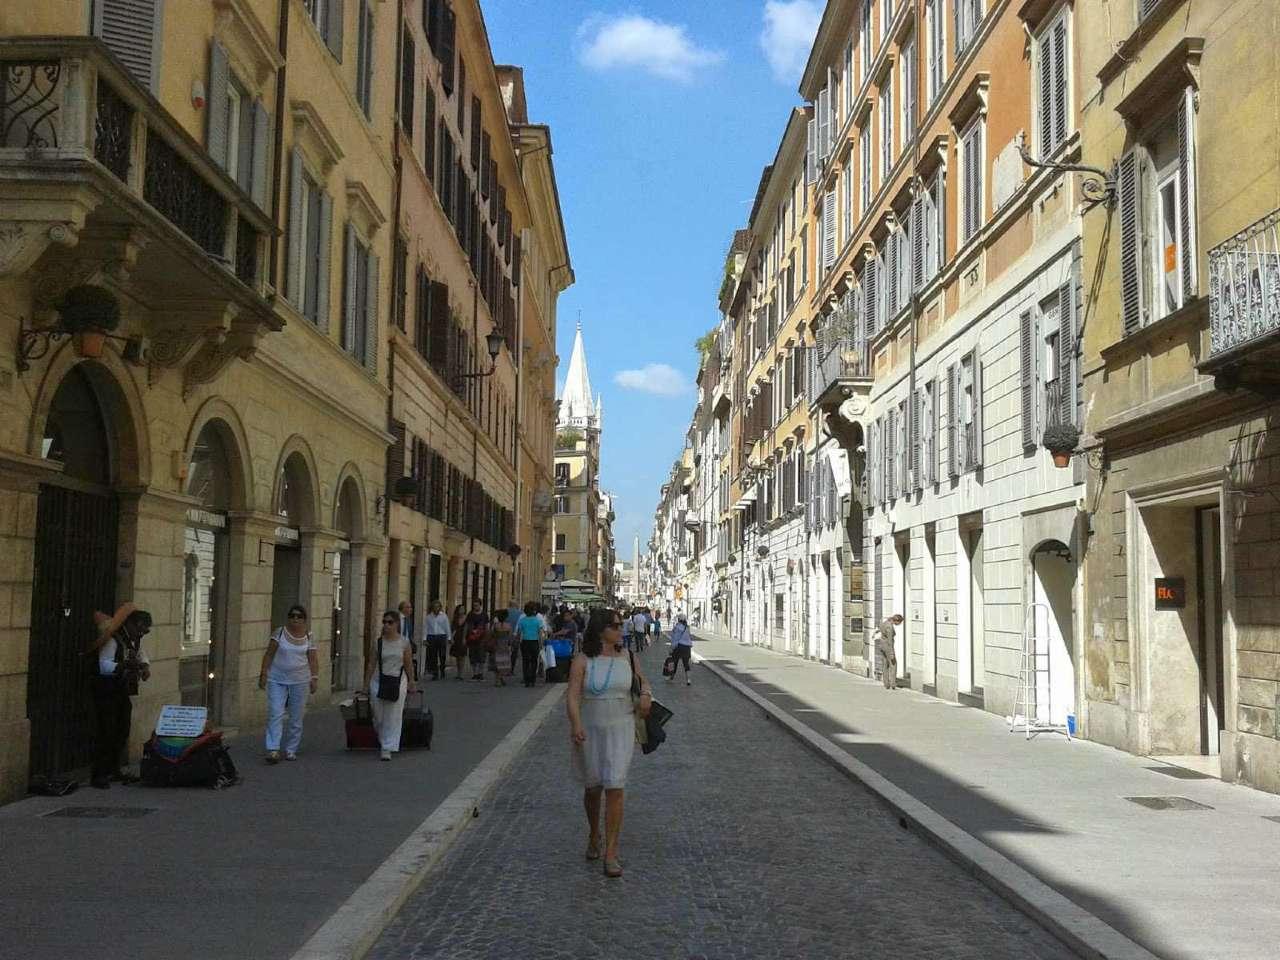 Locali commerciali in affitto a roma in zona centro for Locali commerciali in affitto a roma